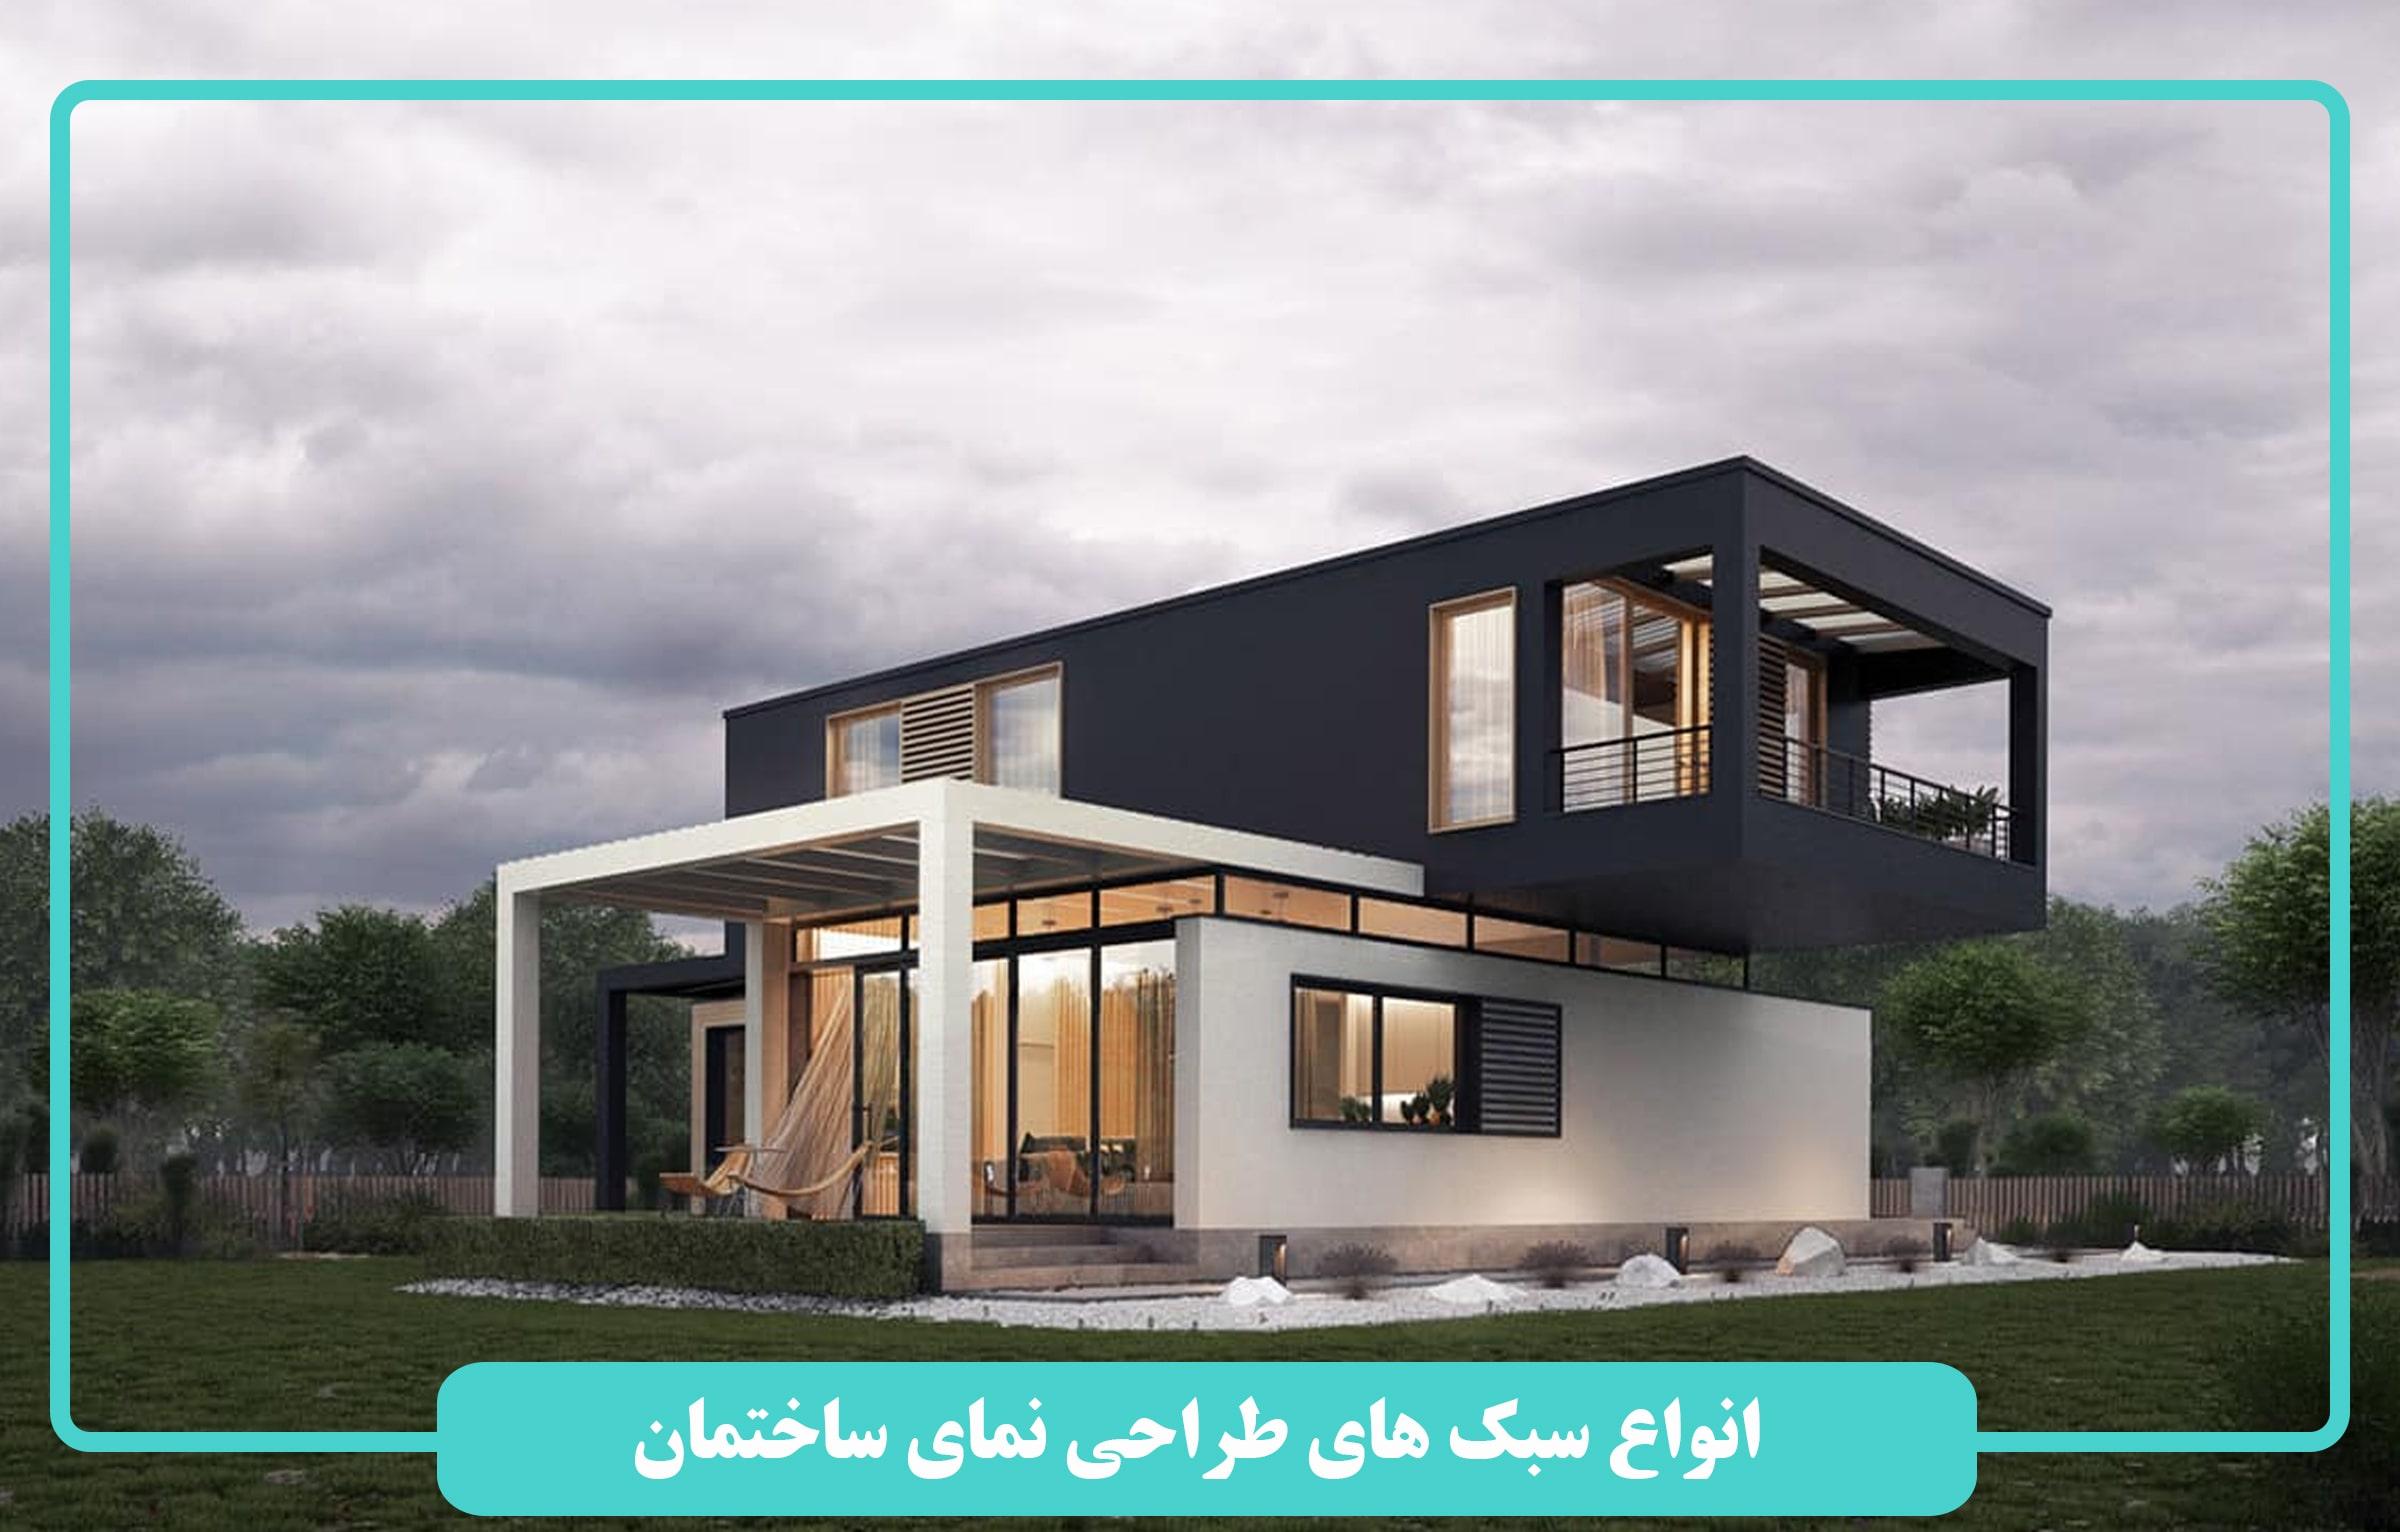 انواع سبک های طراحی نمای ساختمان